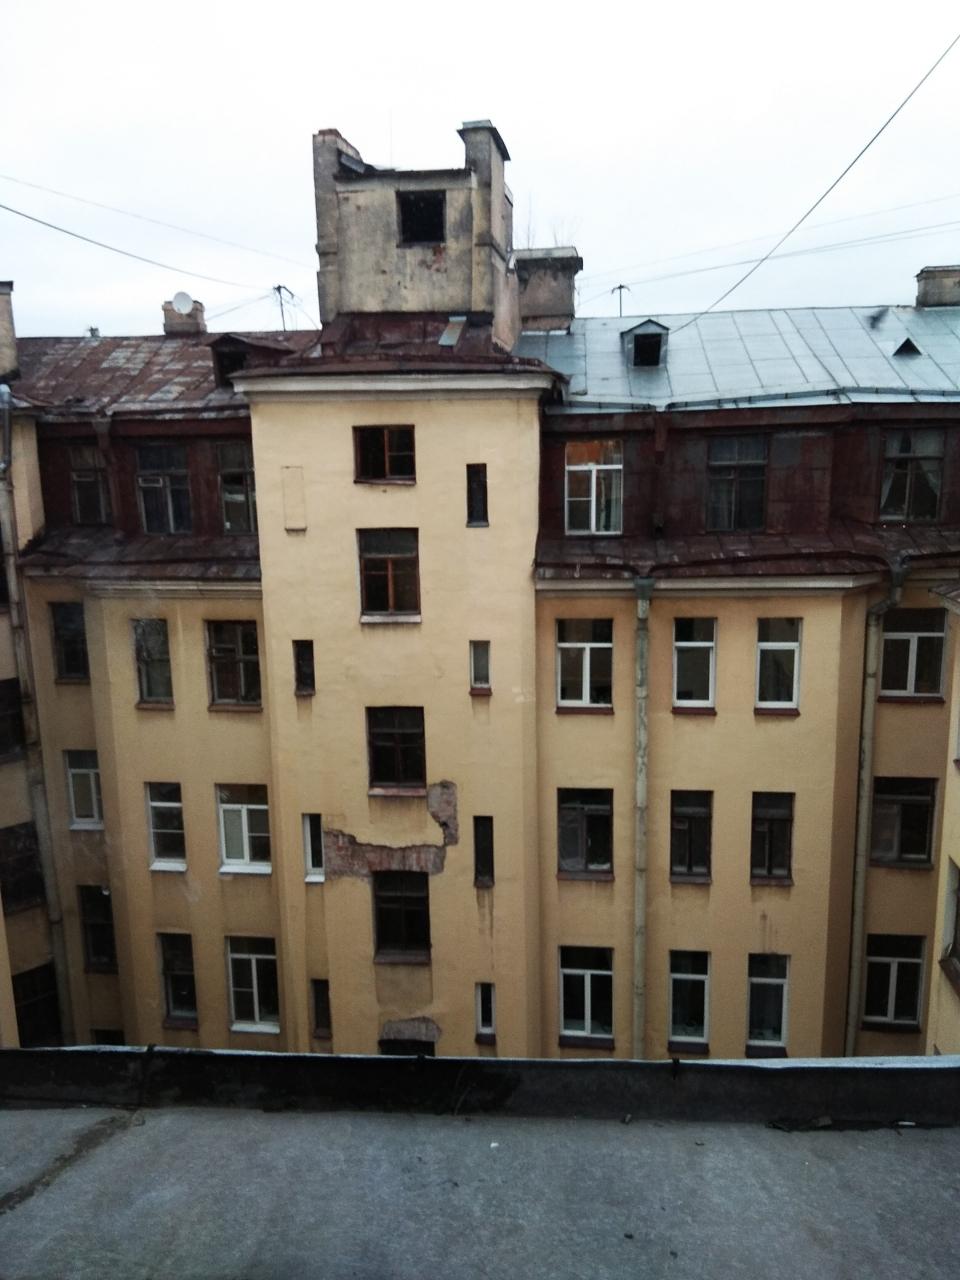 http://nevsky-prostor.pro.bkn.ru/images/s_big/b365f3d6-e4ea-11e7-b300-448a5bd44c07.jpg